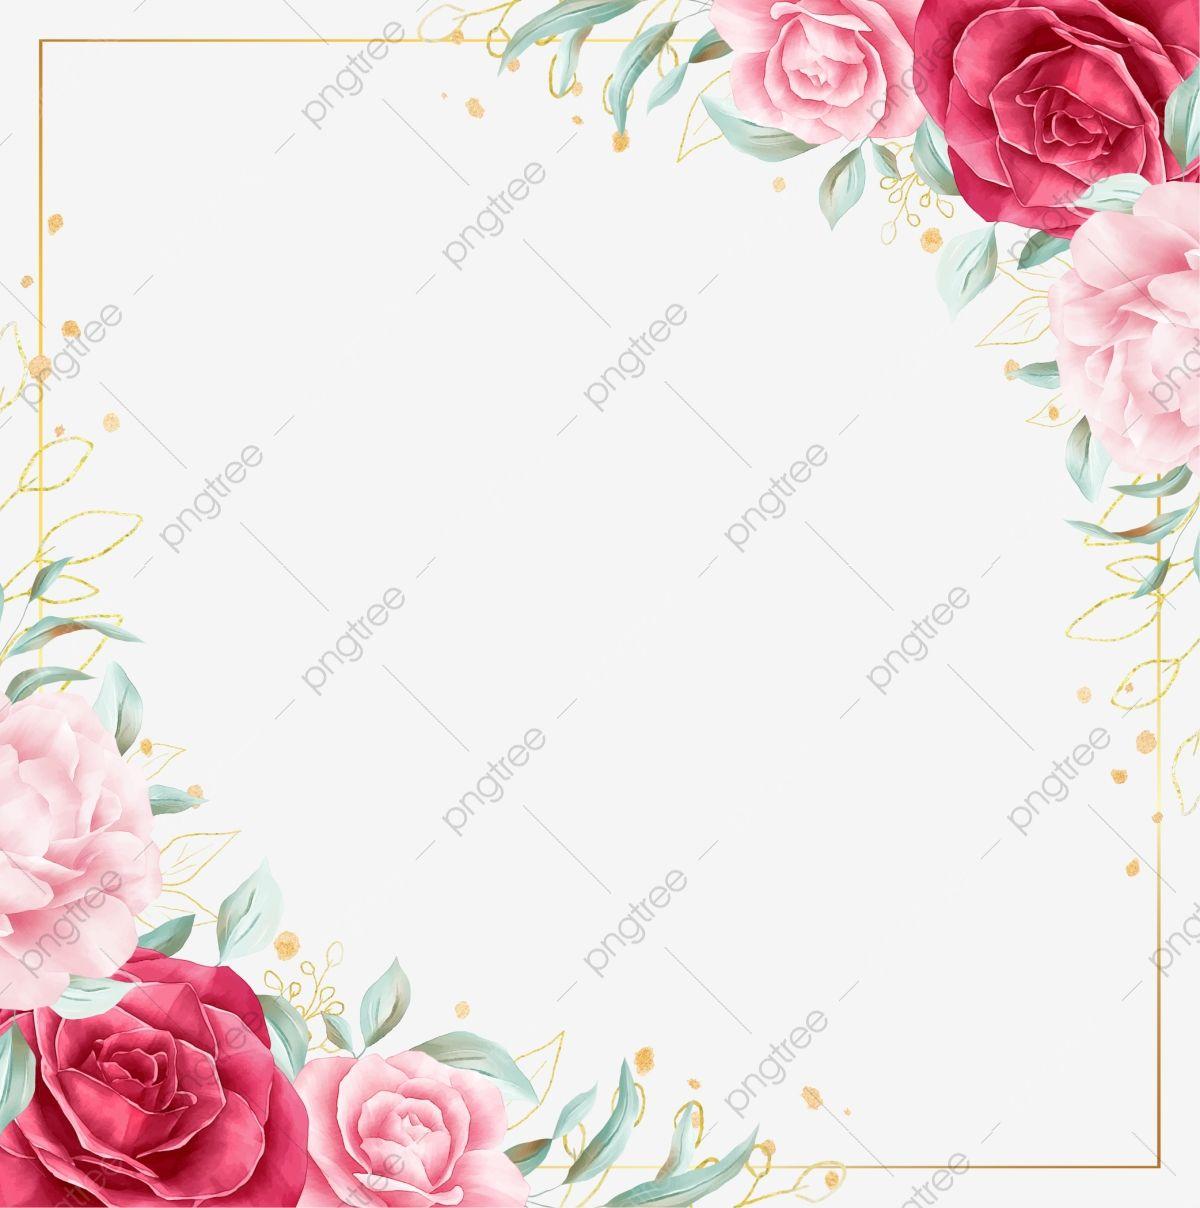 Quadrado Floral De Flores Rosas Aquarela E Borda Dourada Clipart Floral Flor Branco Imagem Png E Psd Para Download Gratuito Watercolor Flower Illustration Watercolor Rose Floral Background